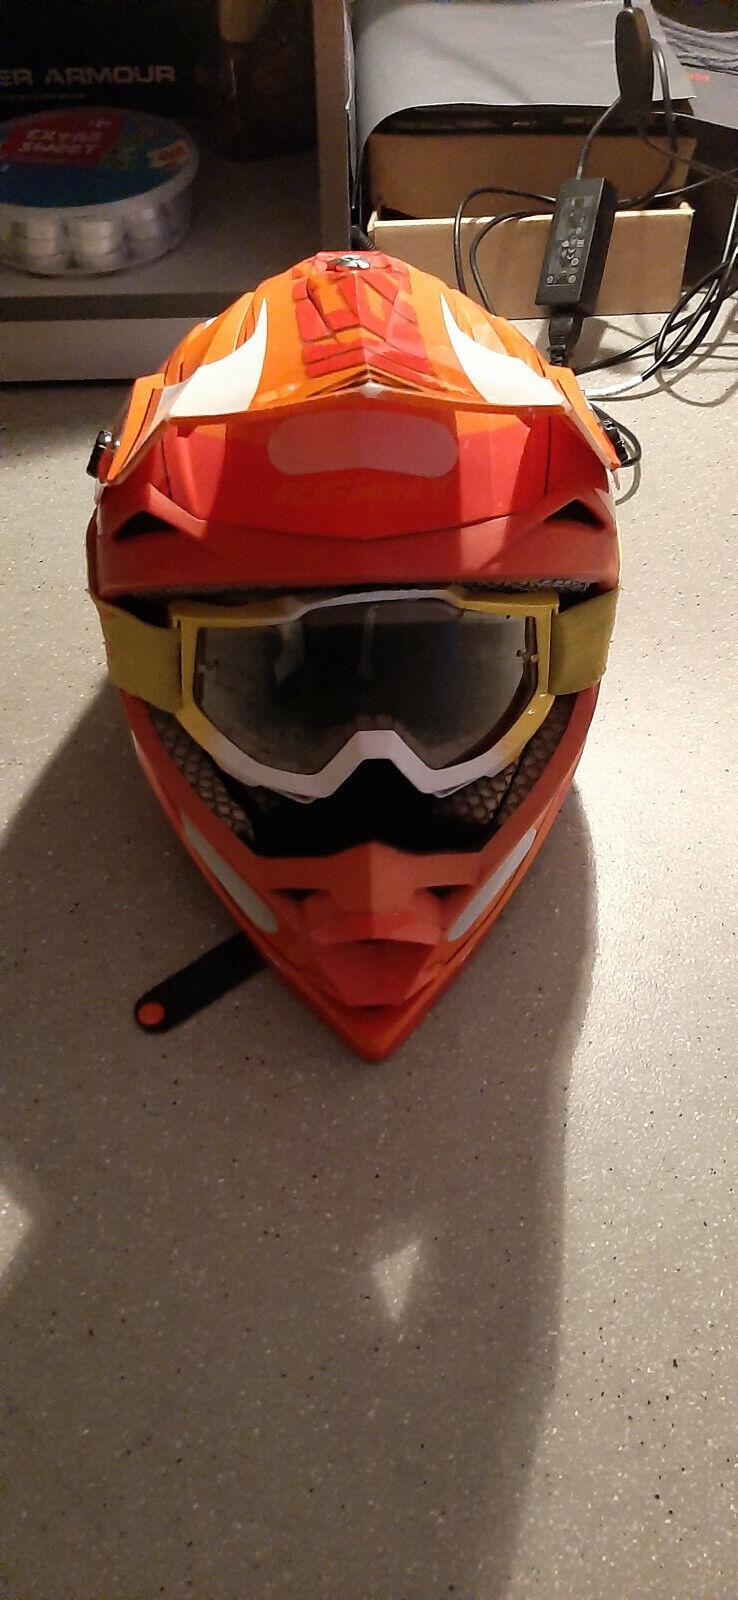 Casque de moto cross kenny rouge, orange, blanc avec lunette 100% jamais tomber